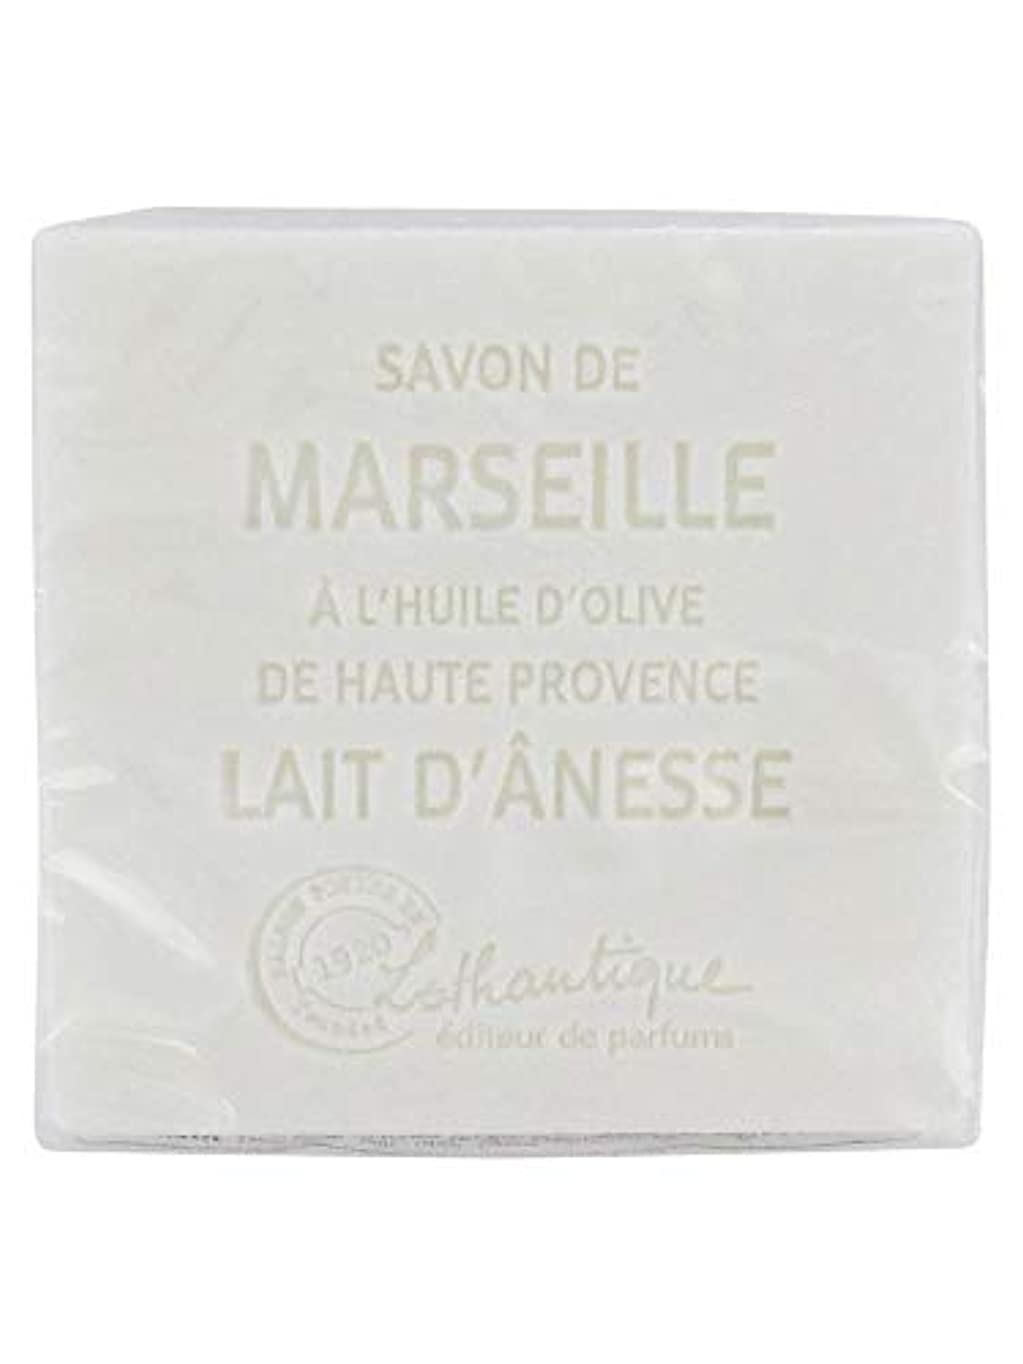 ハイキングに行く責め翻訳者Lothantique(ロタンティック) Les savons de Marseille(マルセイユソープ) マルセイユソープ 100g 「ミルク(ロバミルク)」 3420070038043